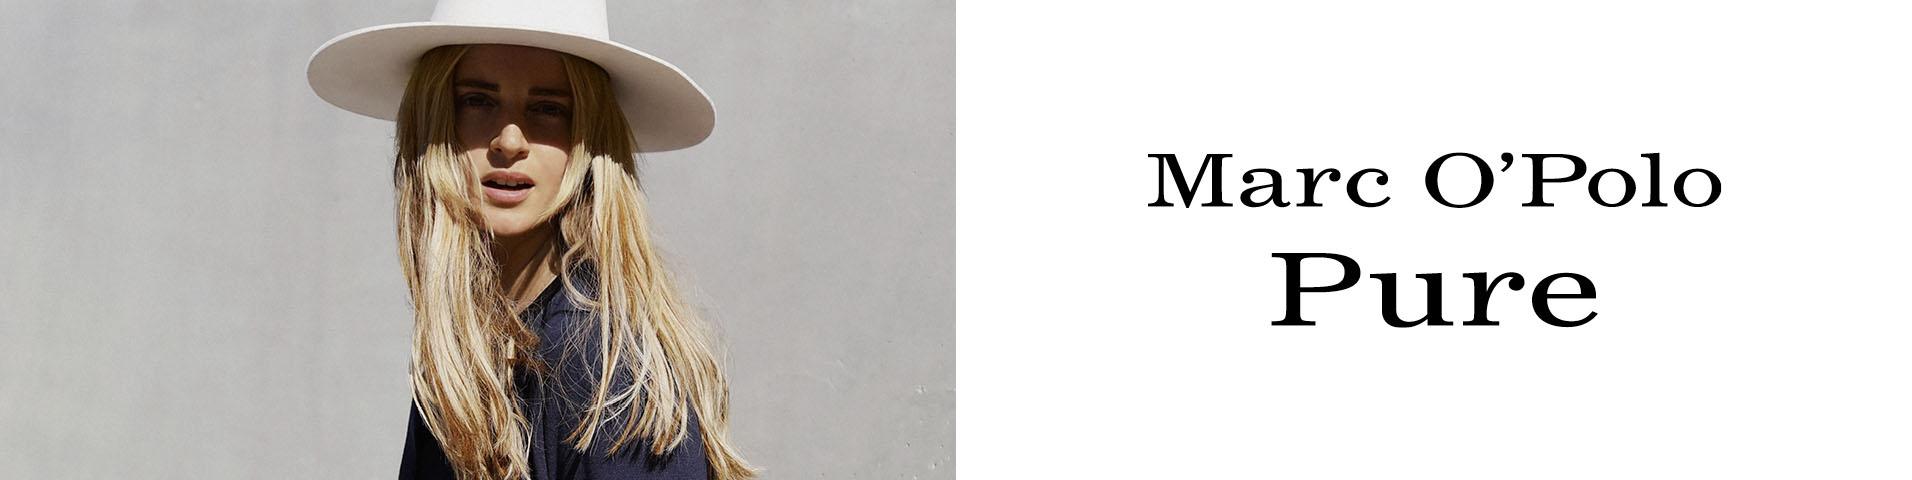 Marc O'Polo online shop | Gratis verzending | ZALANDO